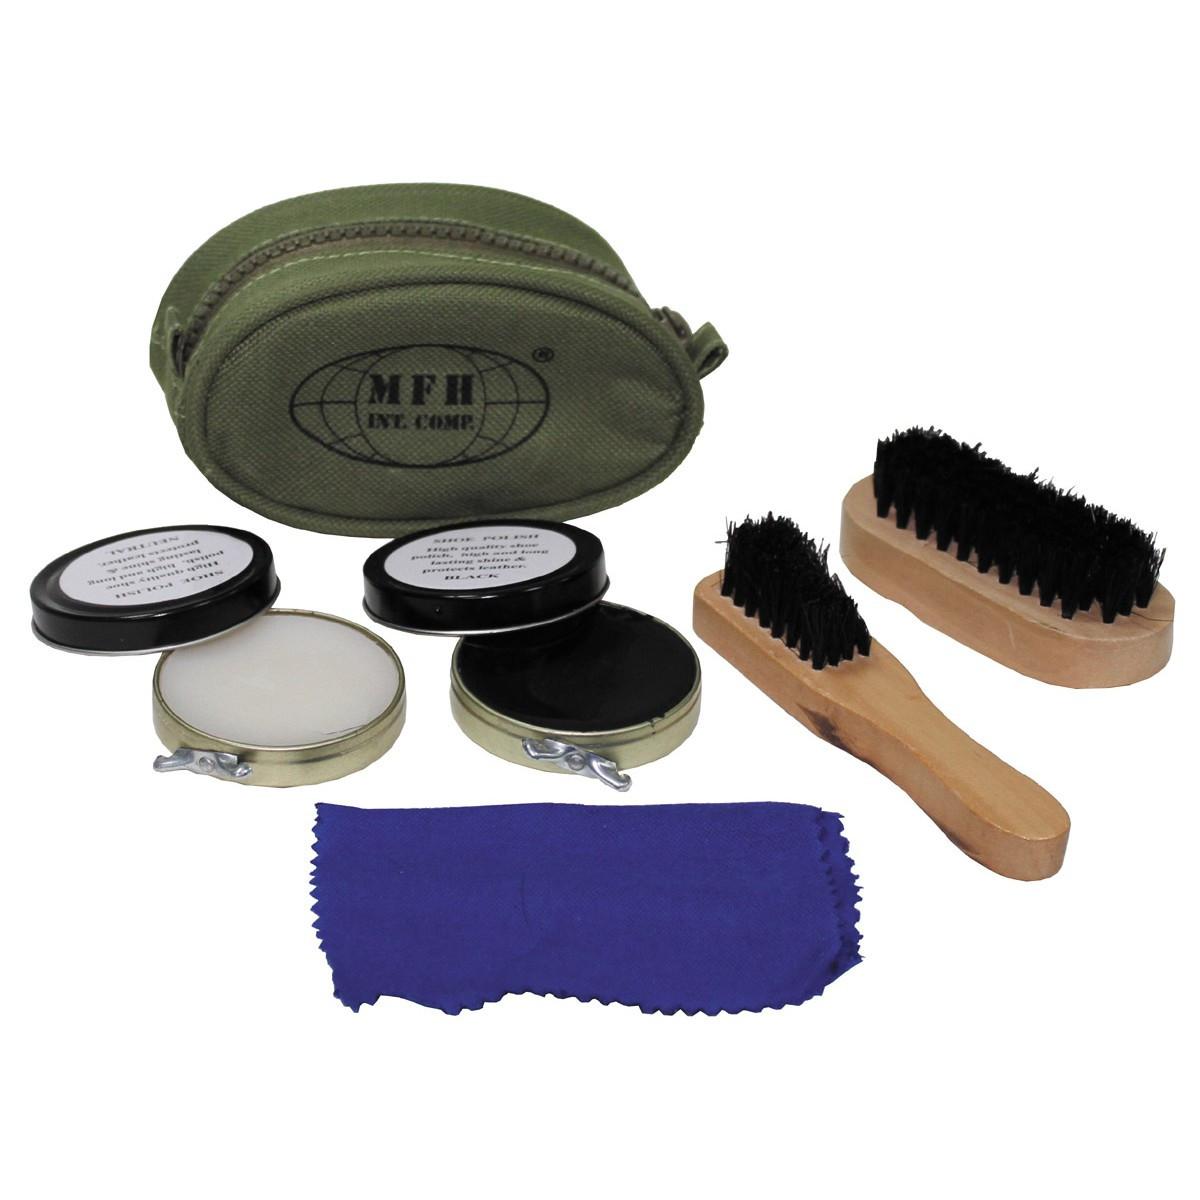 Компактный набор для ухода за обувью MFH